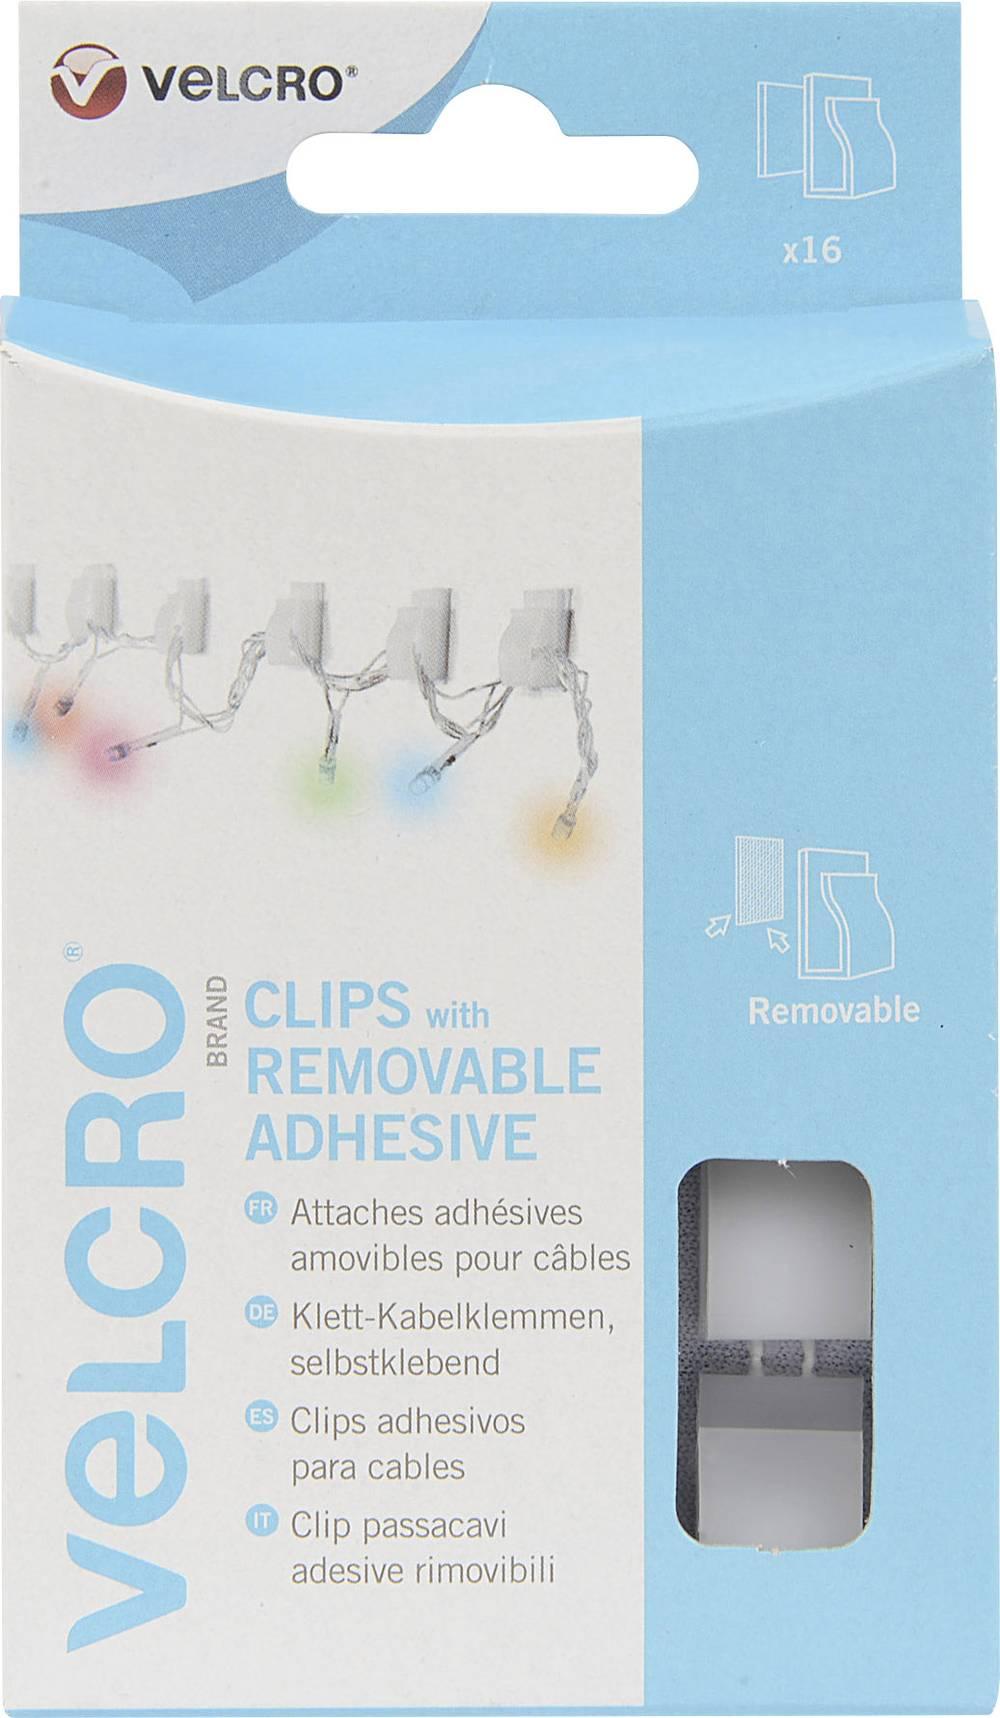 Odstranljive samolepilne sponke za kable Velcro VEL-EC60390,bele barve, 16 kosov